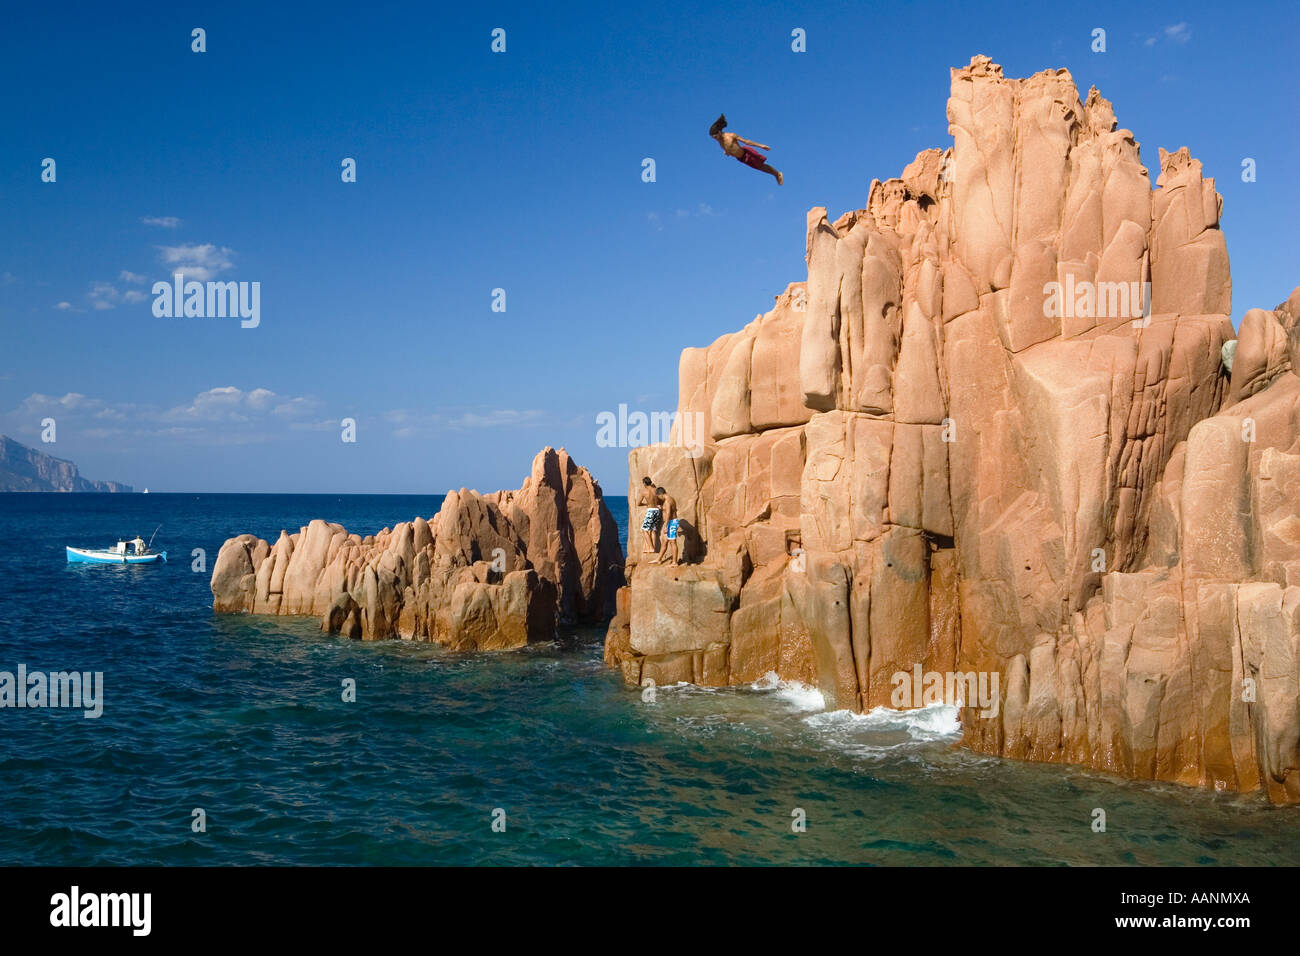 Pink rock at Arbatax, Sardinia, Italy - Stock Image